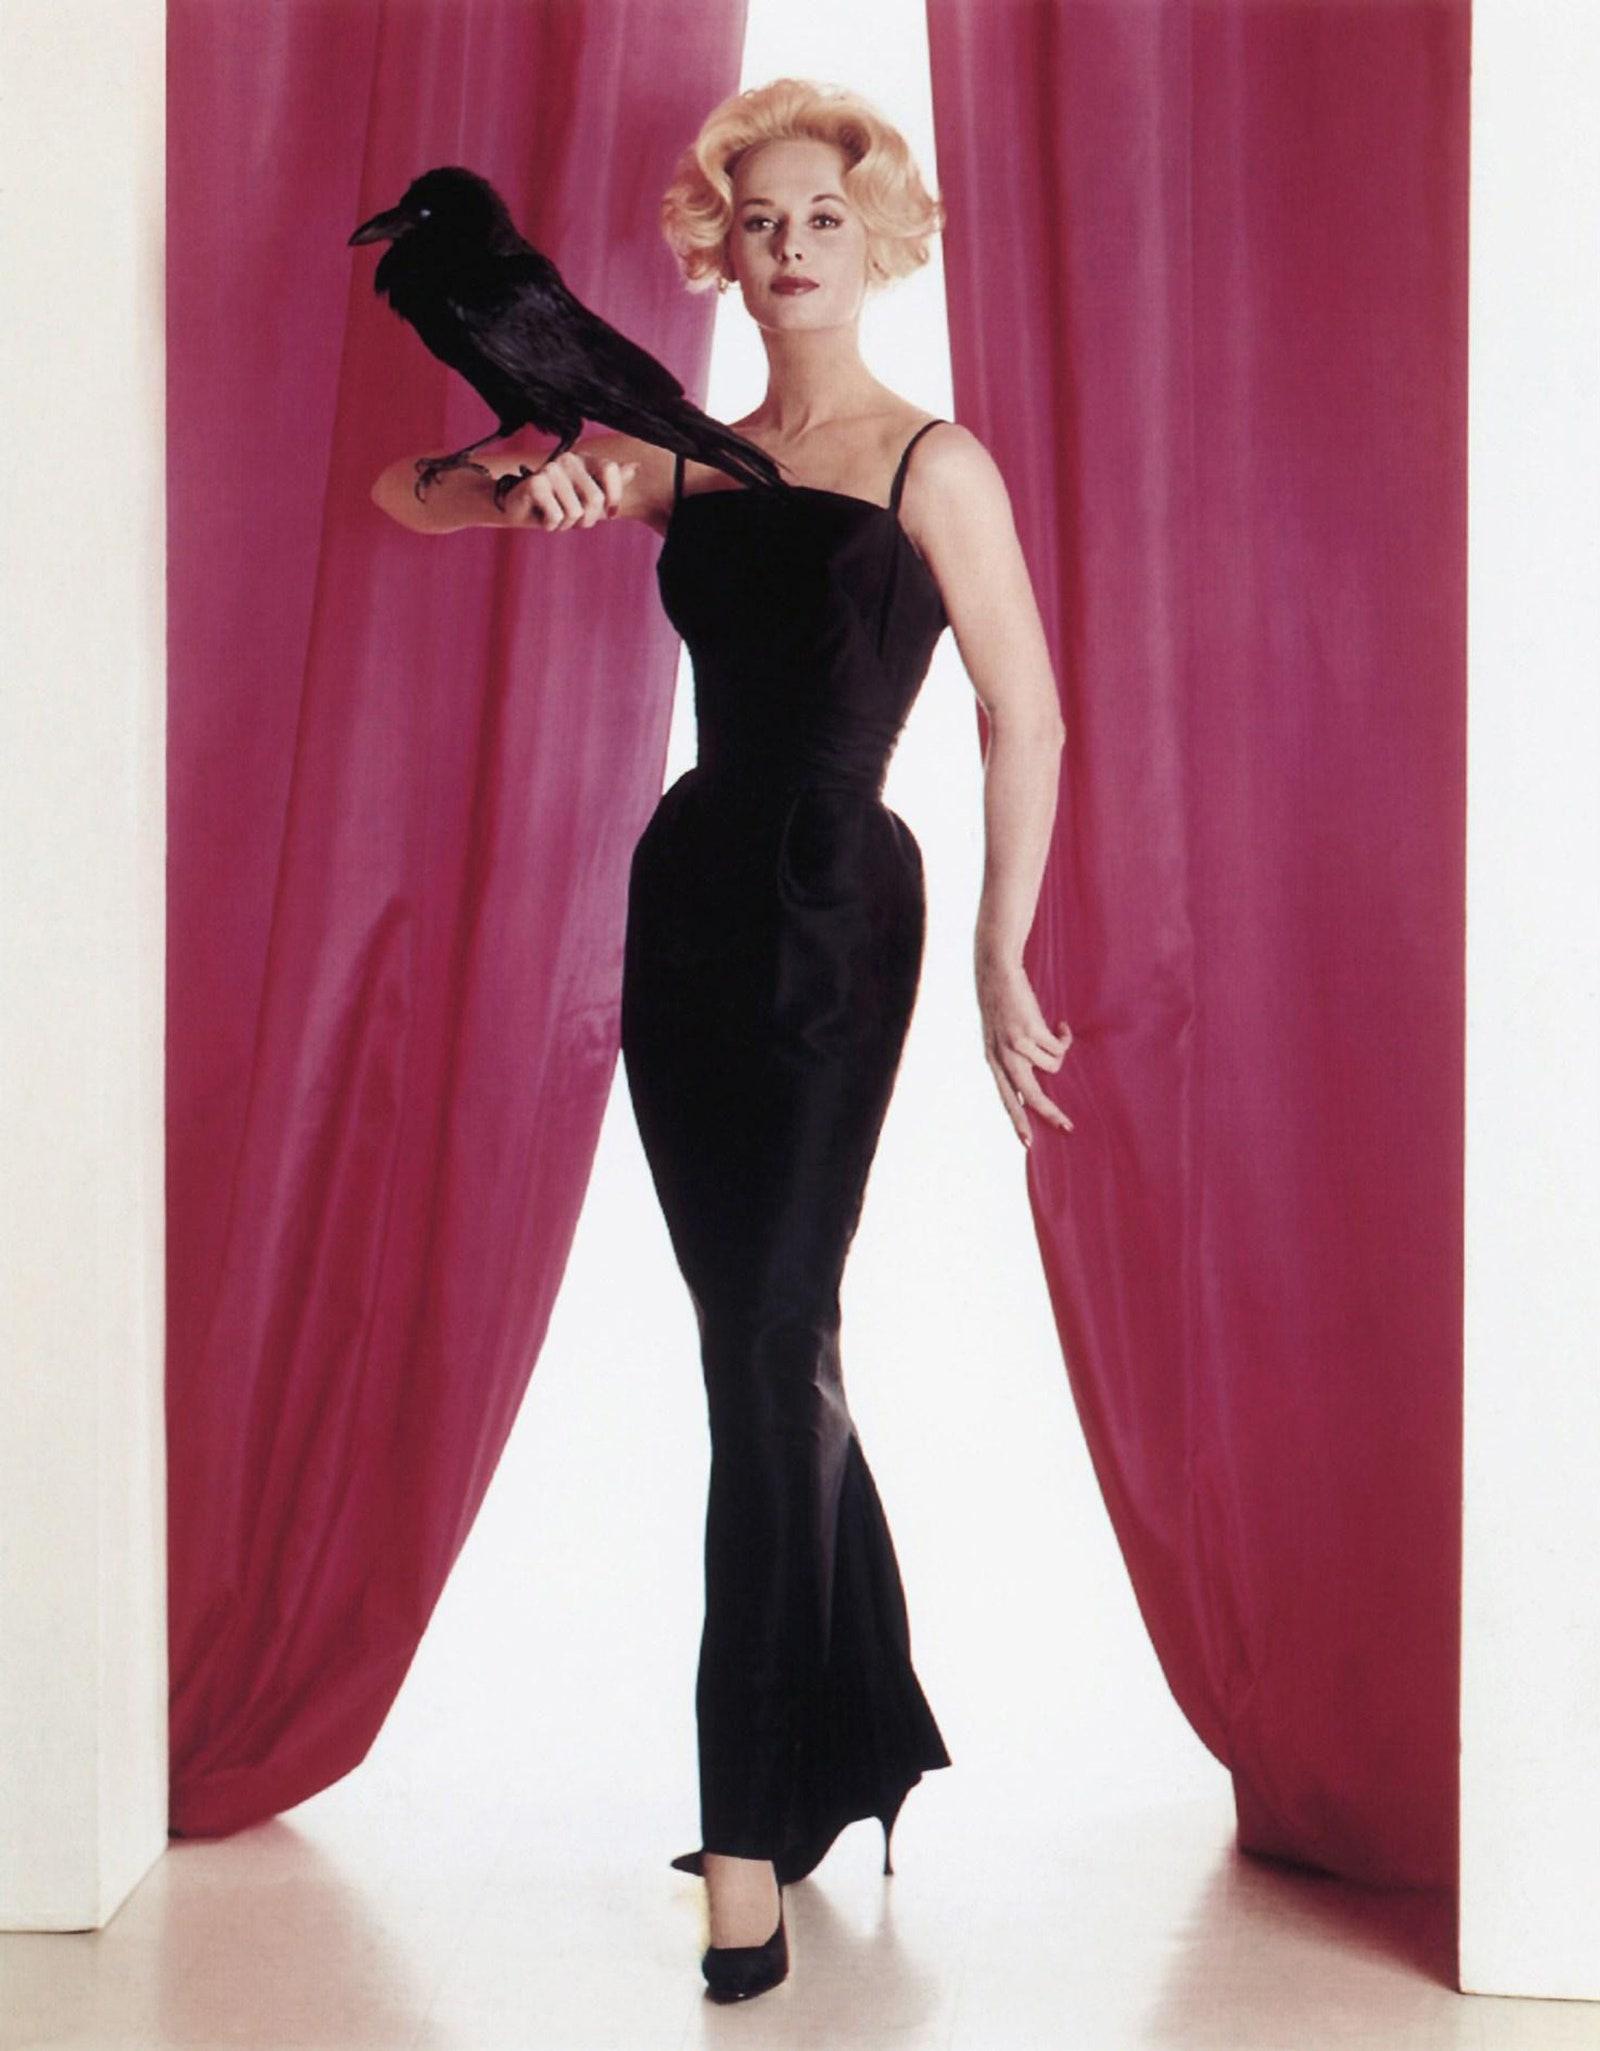 Tippi állítása szerint a merevítőkkel készült Edith Head estélyi ruha nagyon kényelmes volt - Fotó: Alamy